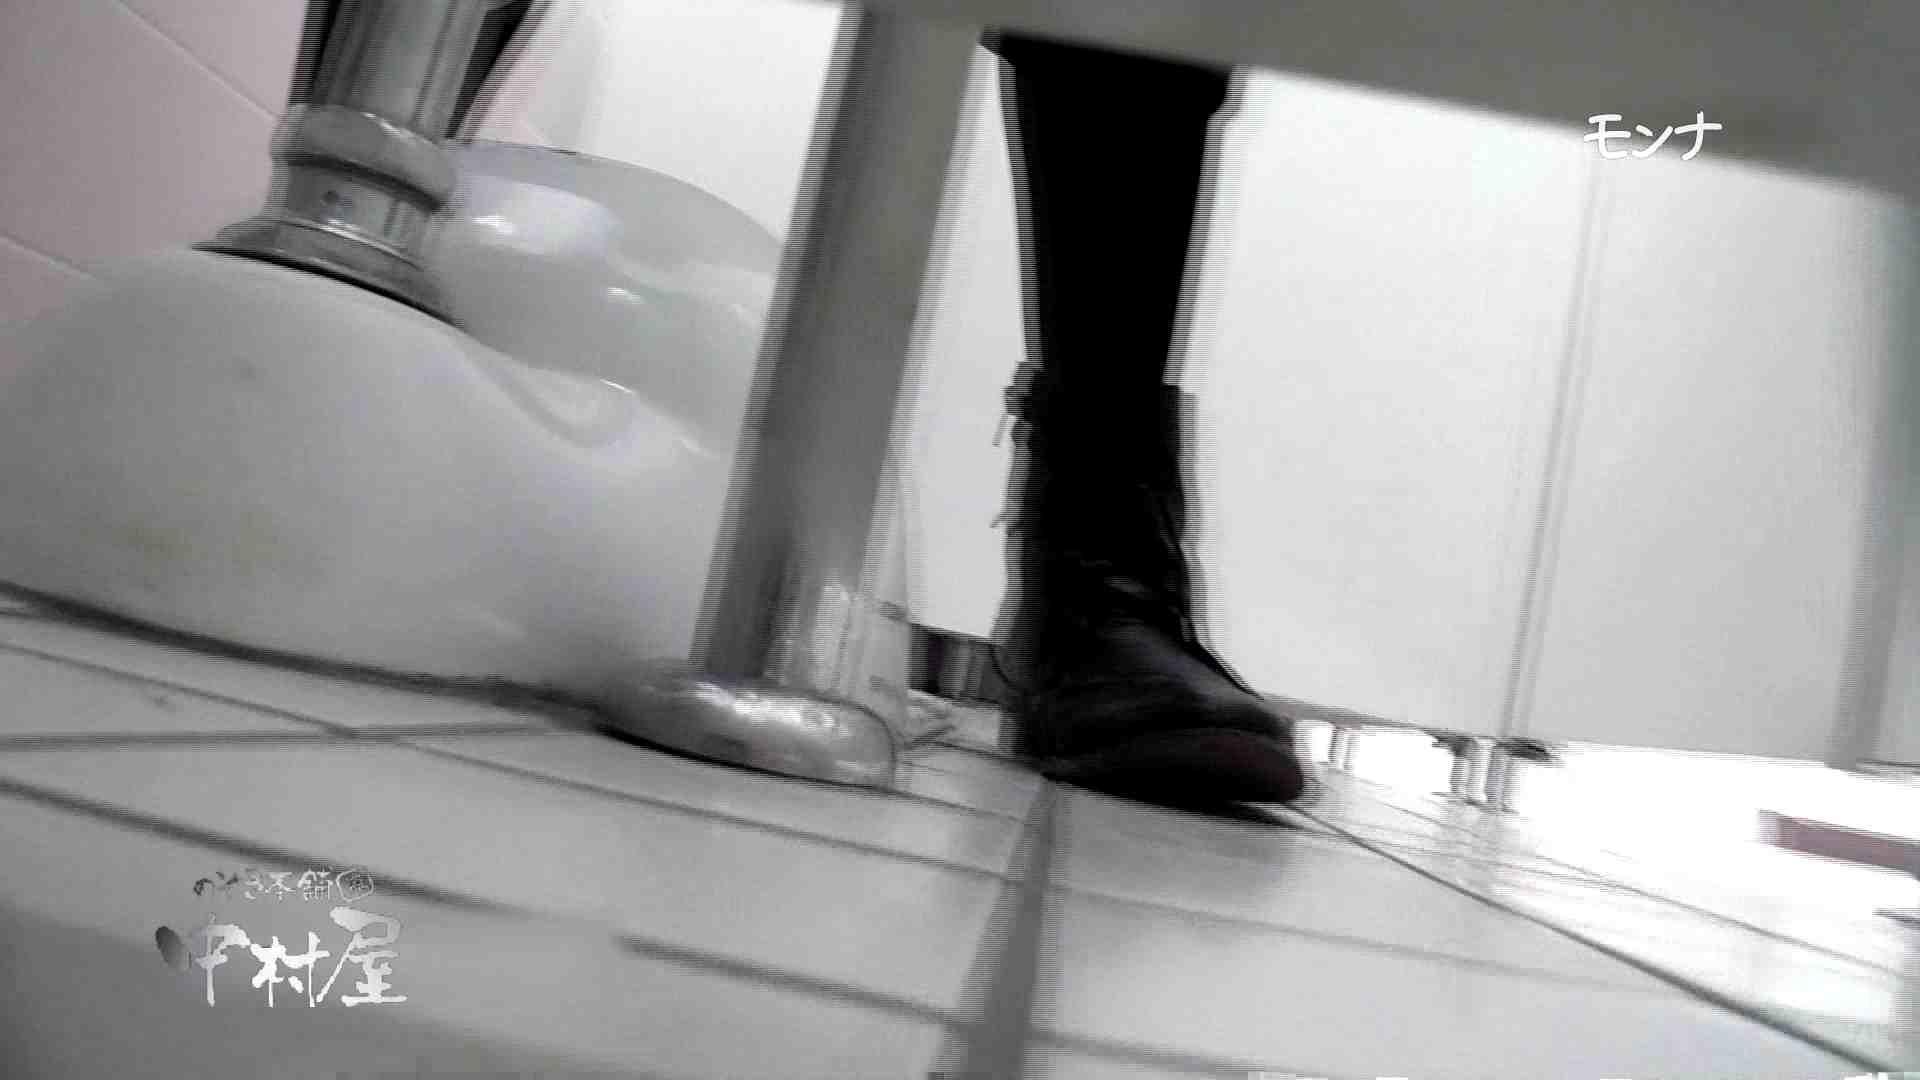 【美しい日本の未来】新学期!!下半身中心に攻めてます美女可愛い女子悪戯盗satuトイレ後編 下半身 覗きおまんこ画像 82連発 31